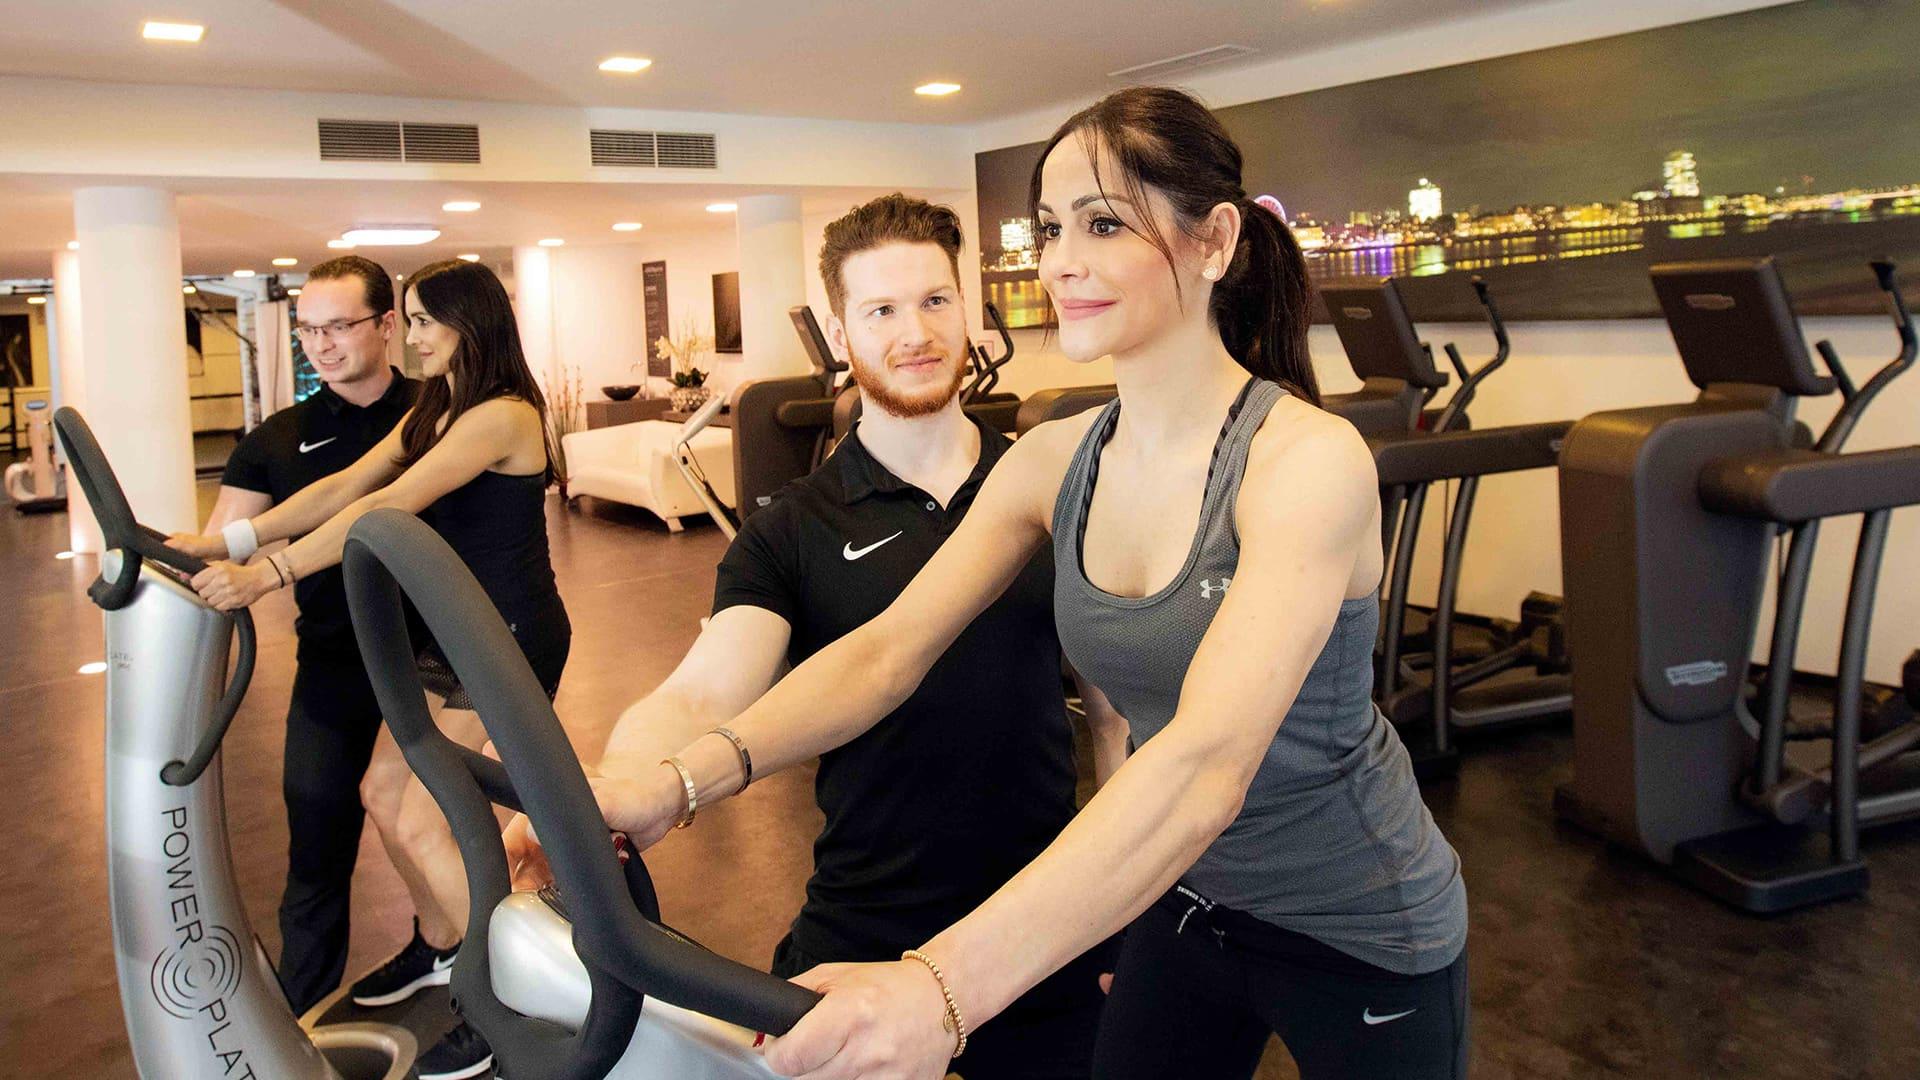 trainer bei jonen sports unterstuetzen zwei damen beim training